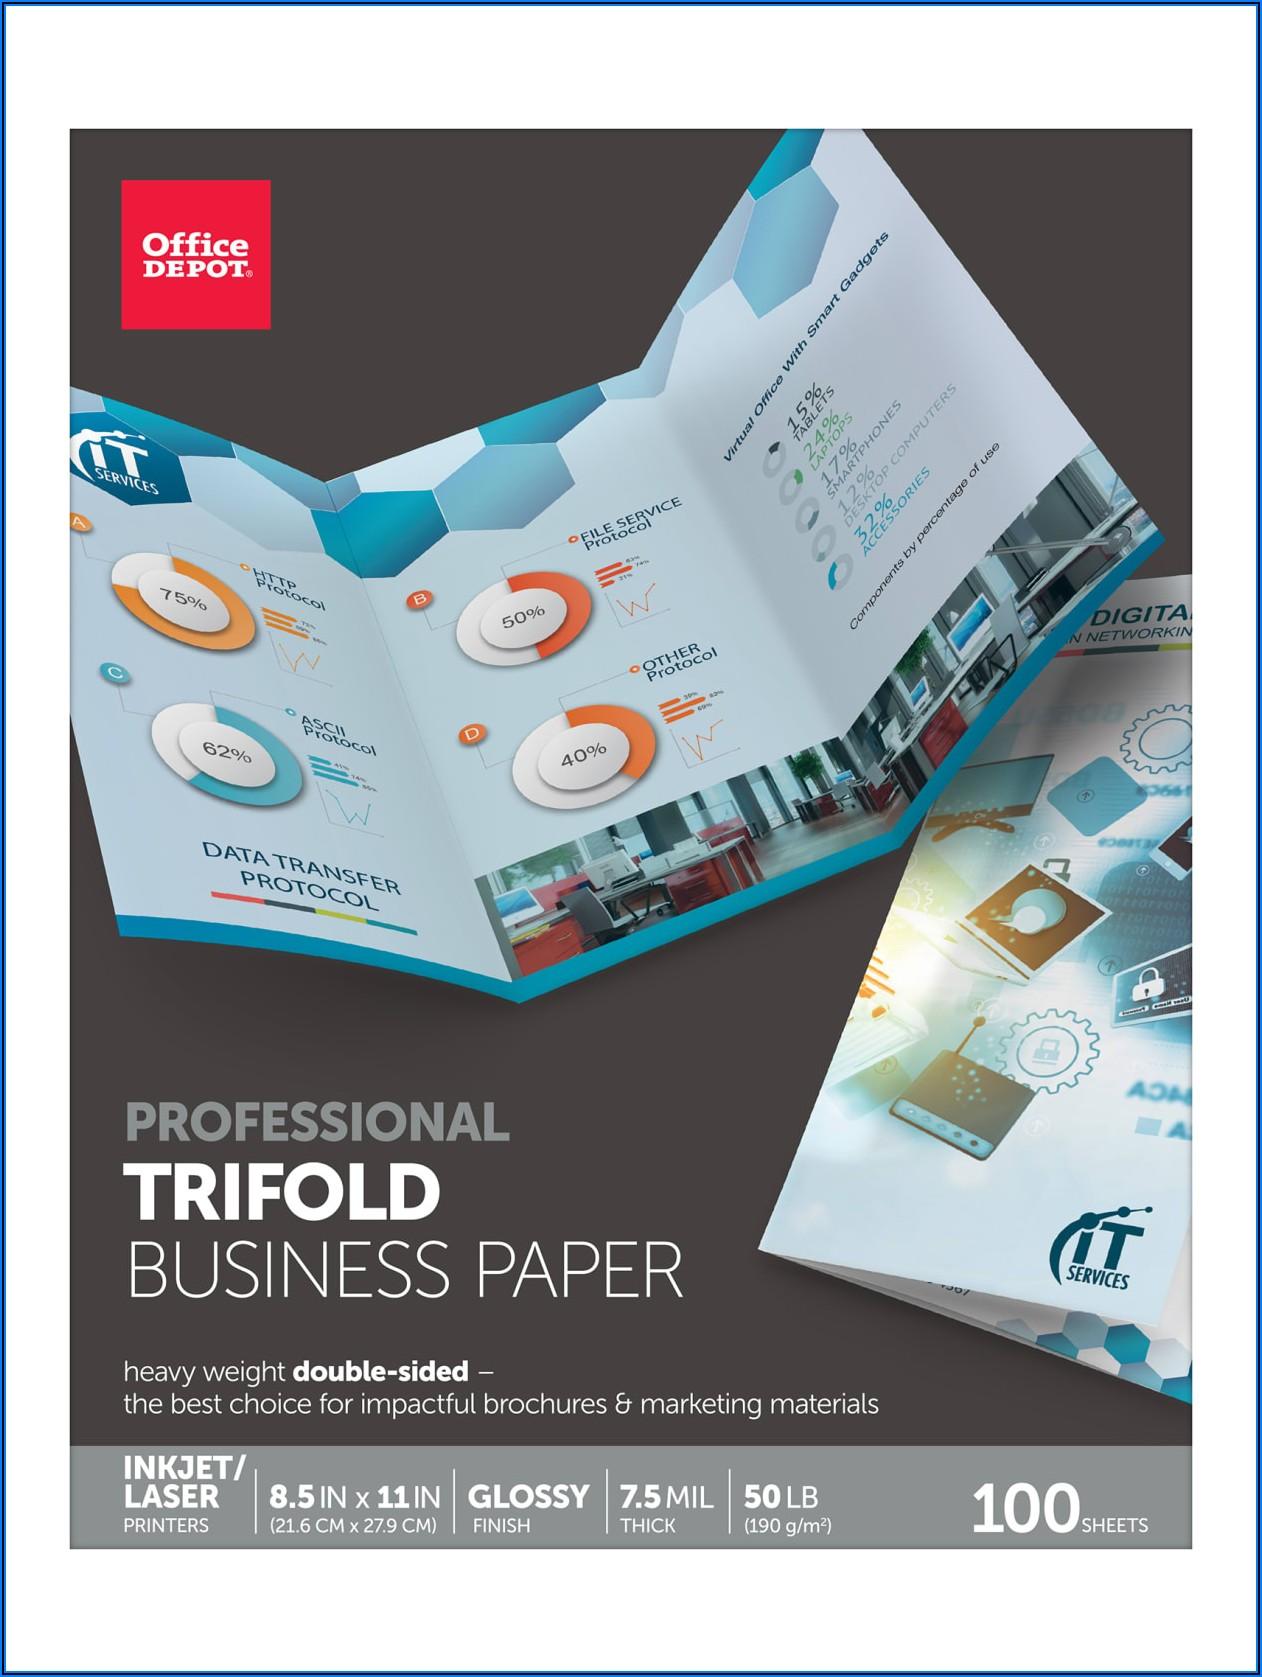 Glossy Brochure Paper For Inkjet Printers